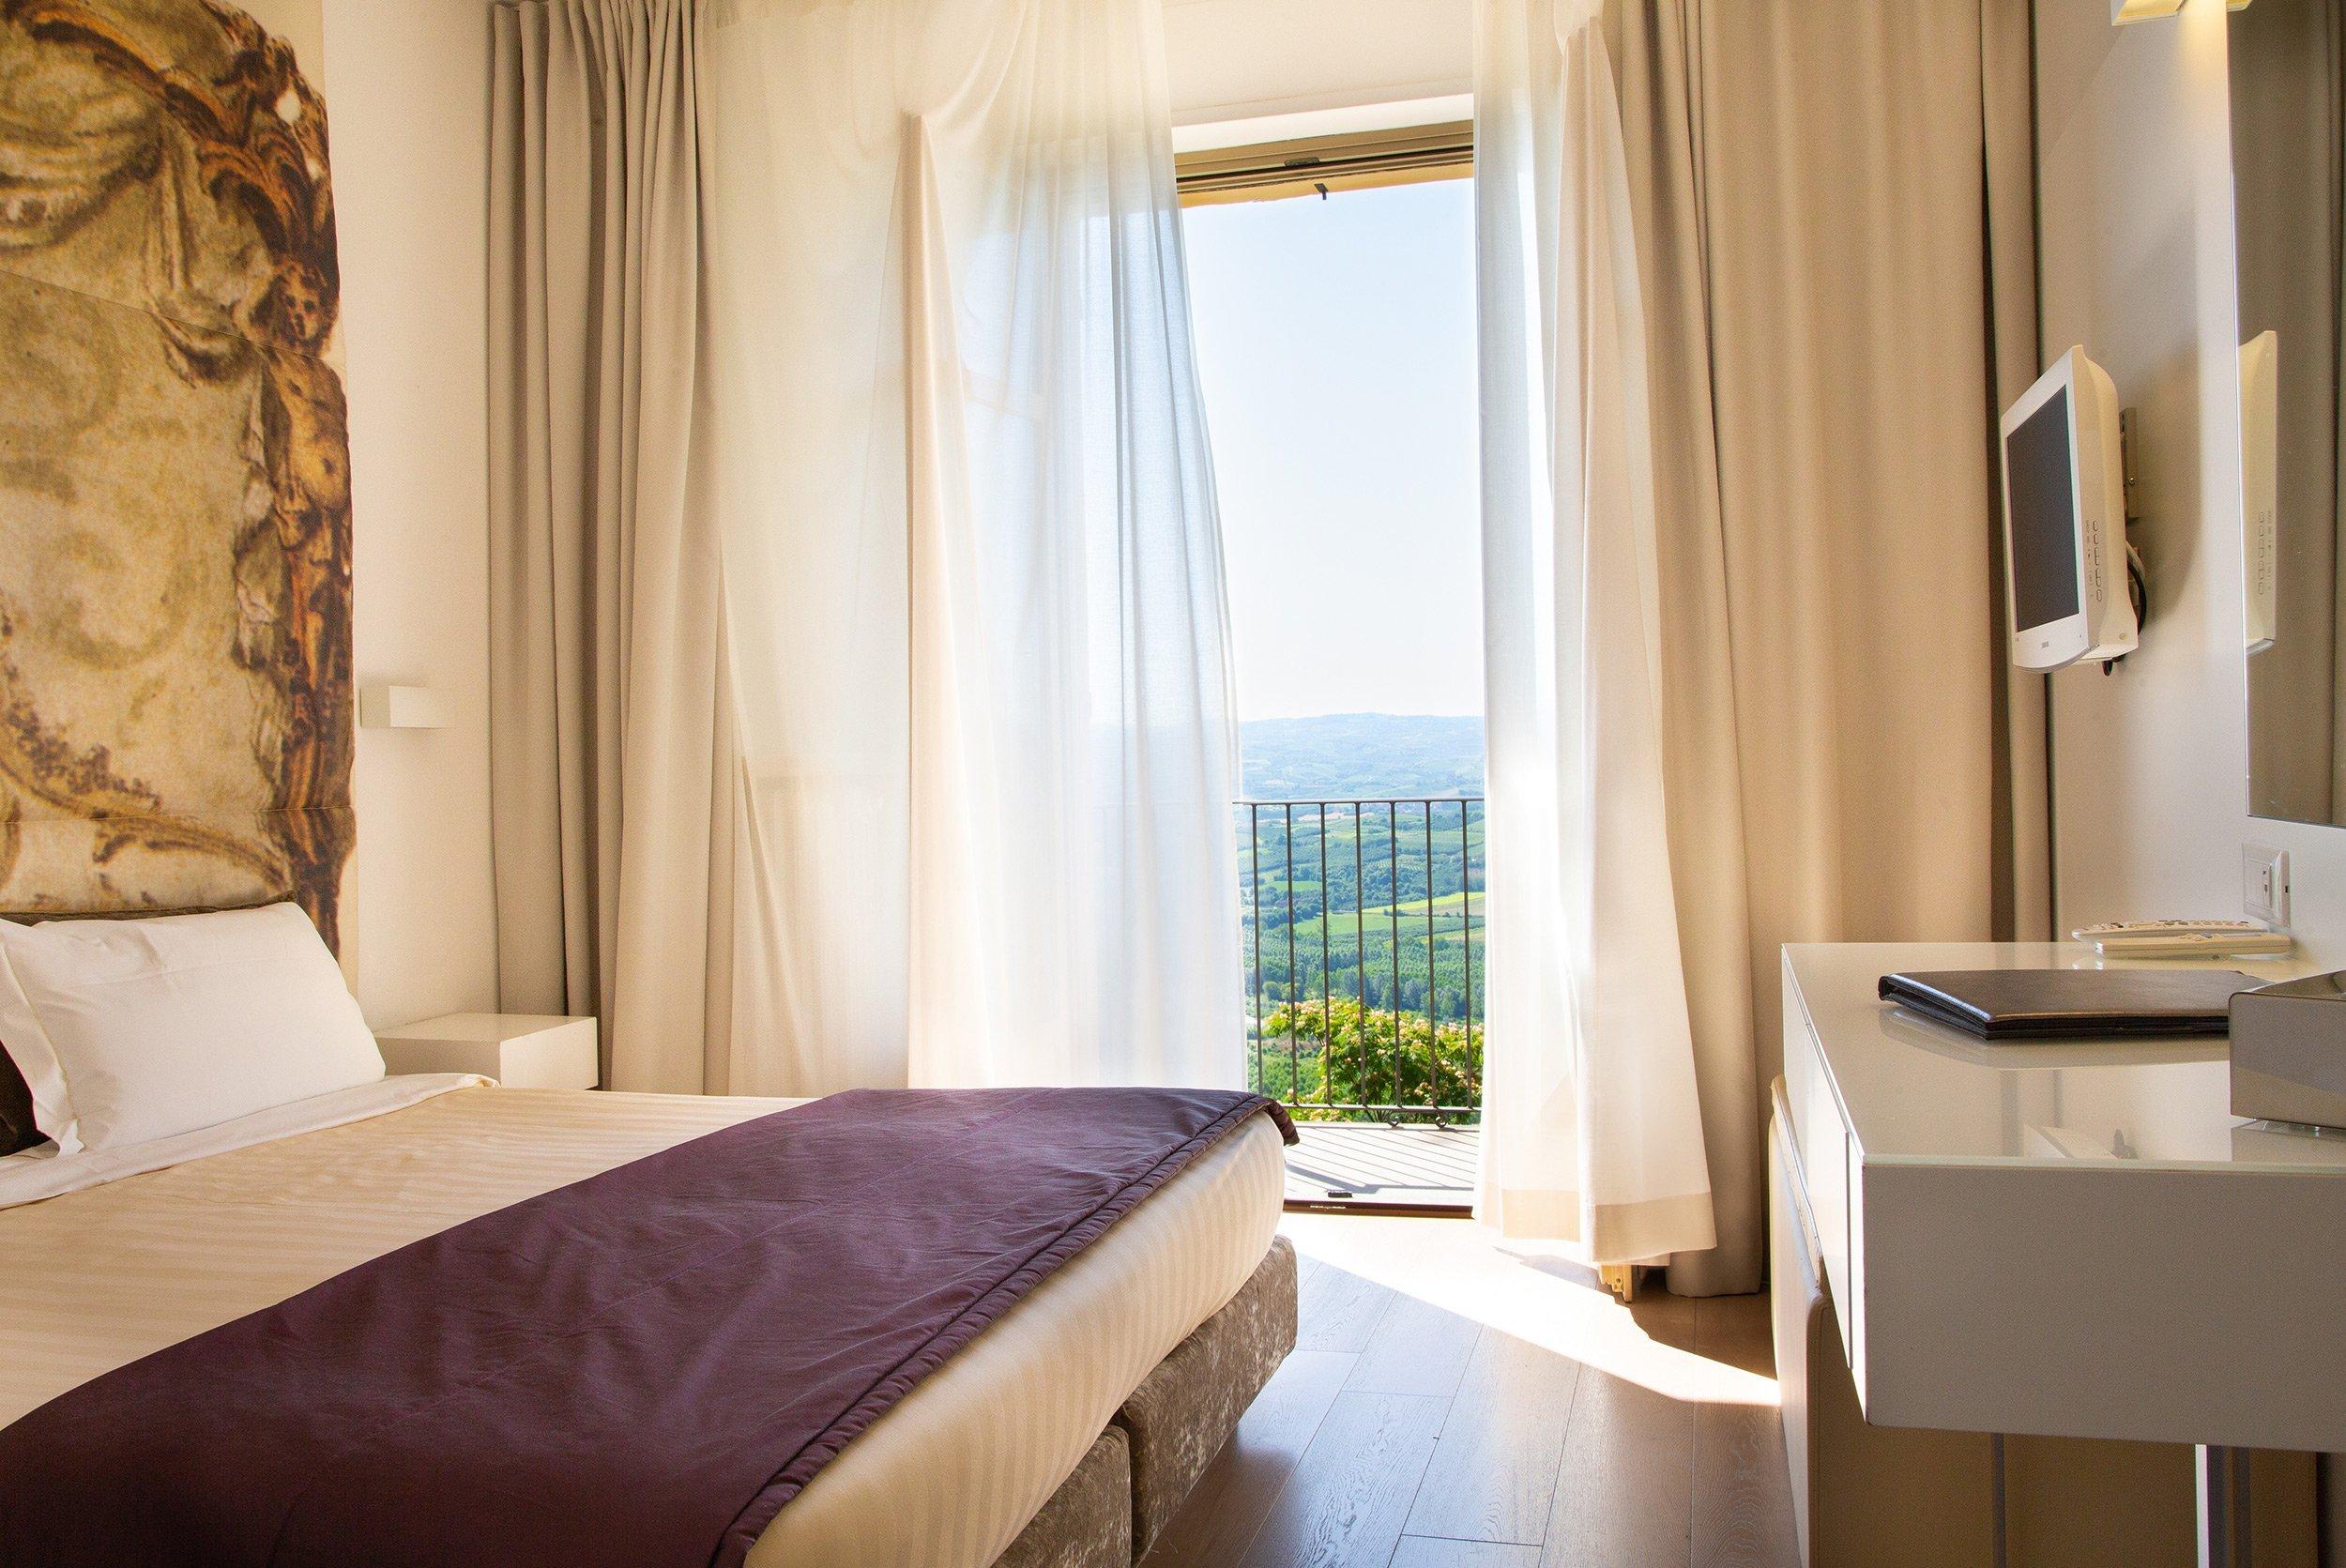 Camera standard - Hotel Castello di Santa Vittoria